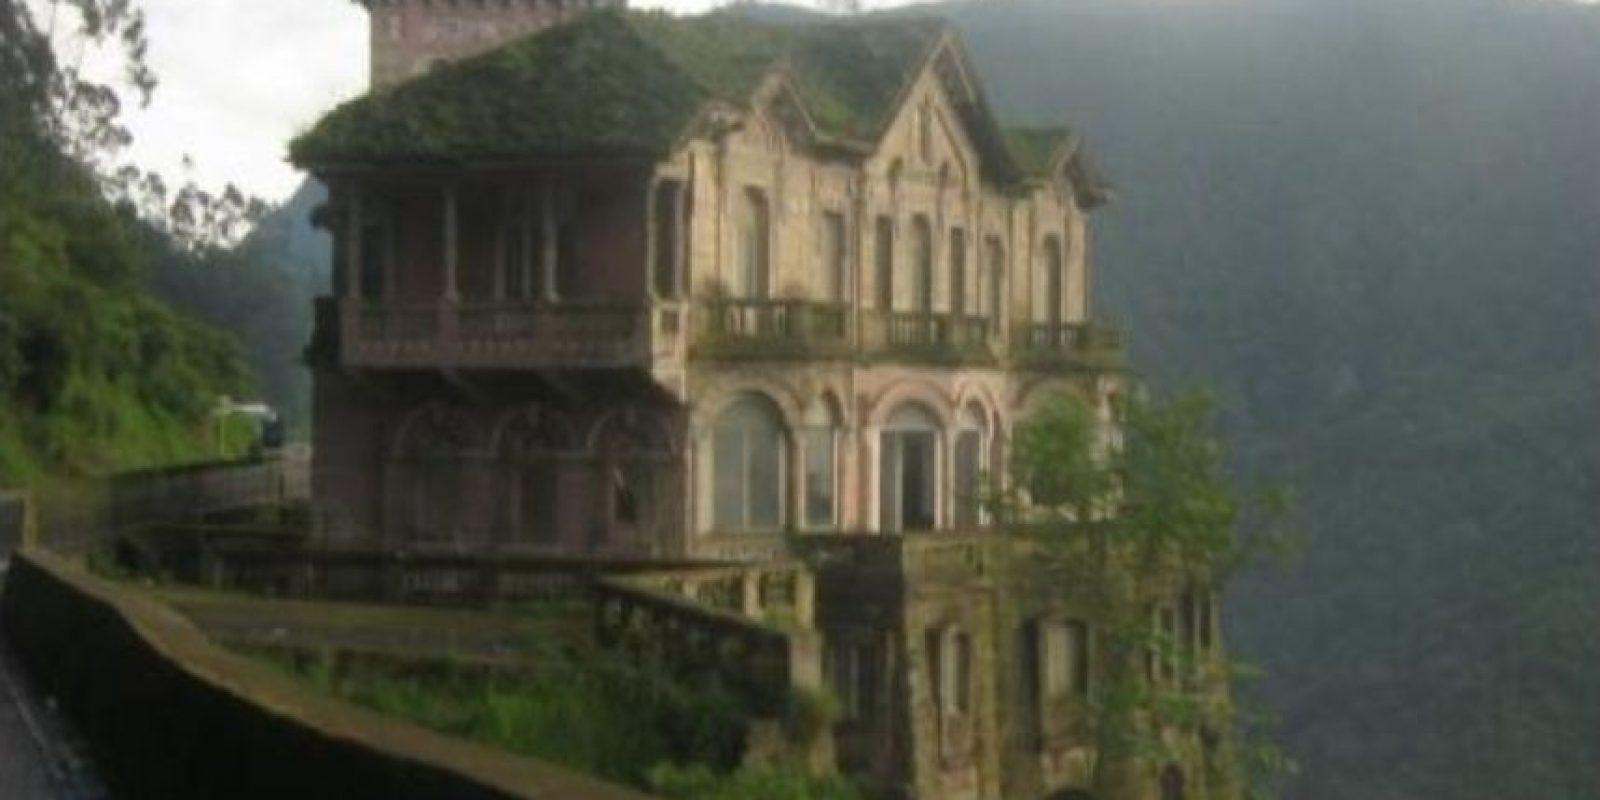 6. Hotel del Salto en Colombia. Fue un hotel de categoría inaugurado en 1924 y, posteriormente, cerrado en 1990. Foto:Wikimedia